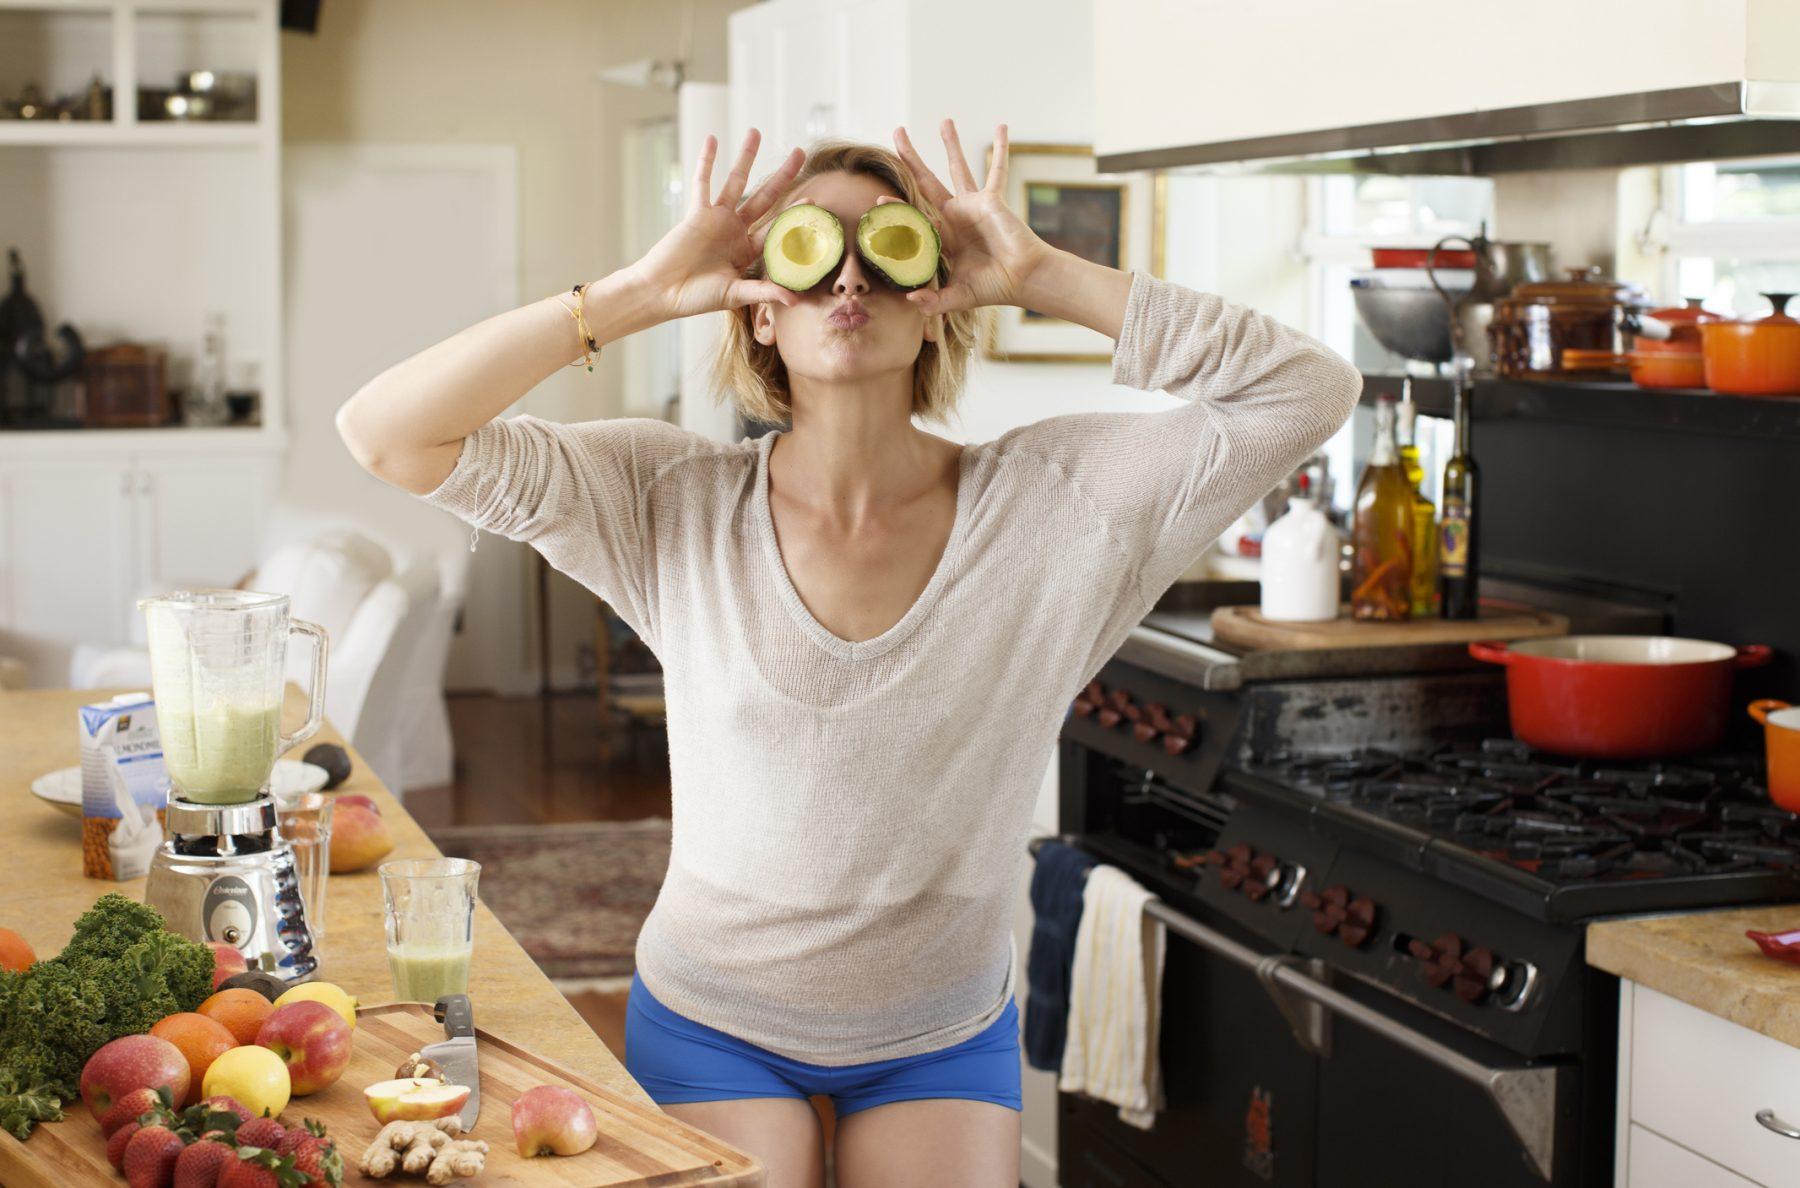 Niks crashdieet: zo snack je gezond, duurzaam én lekker